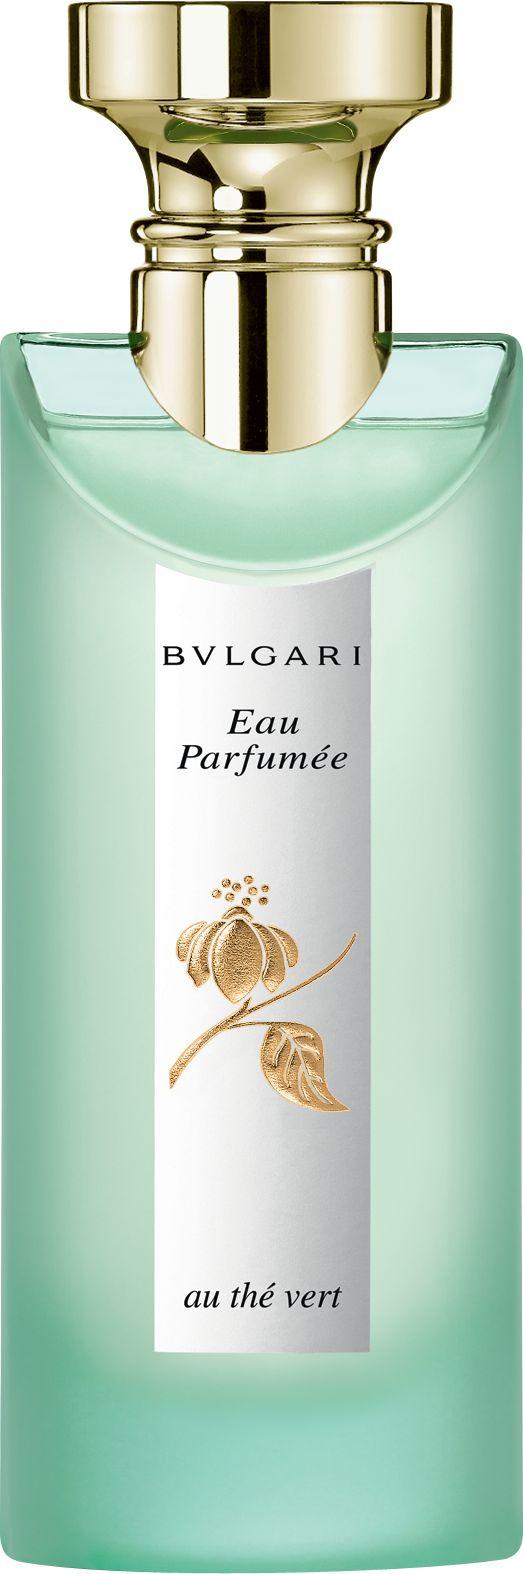 BVLGARI Eau Parfumee Au The Vert Eau de Cologne Spray 75ml